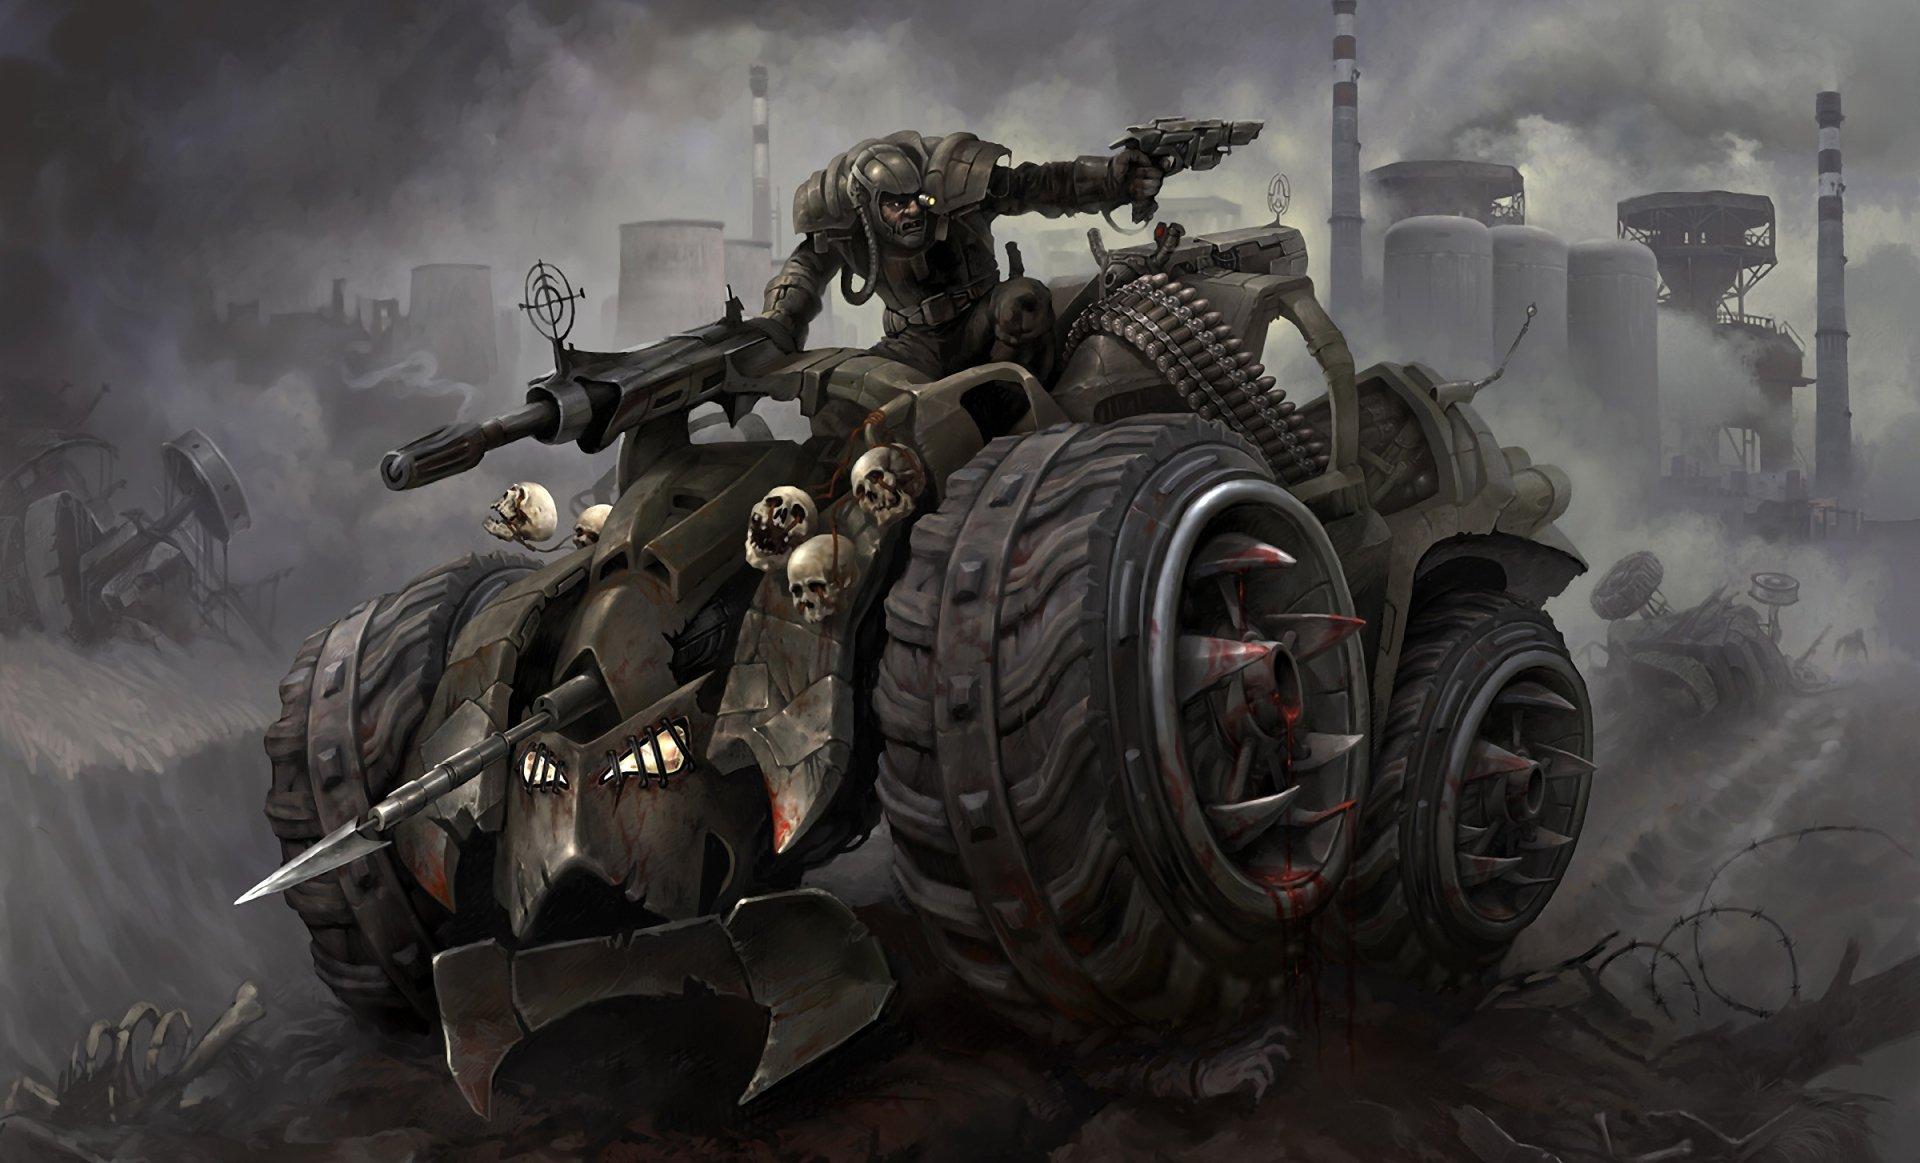 科幻 - 交通工具  黑暗 War Gun Ammo 坦克 子弹 雾 Wasteland 头骨 壁纸